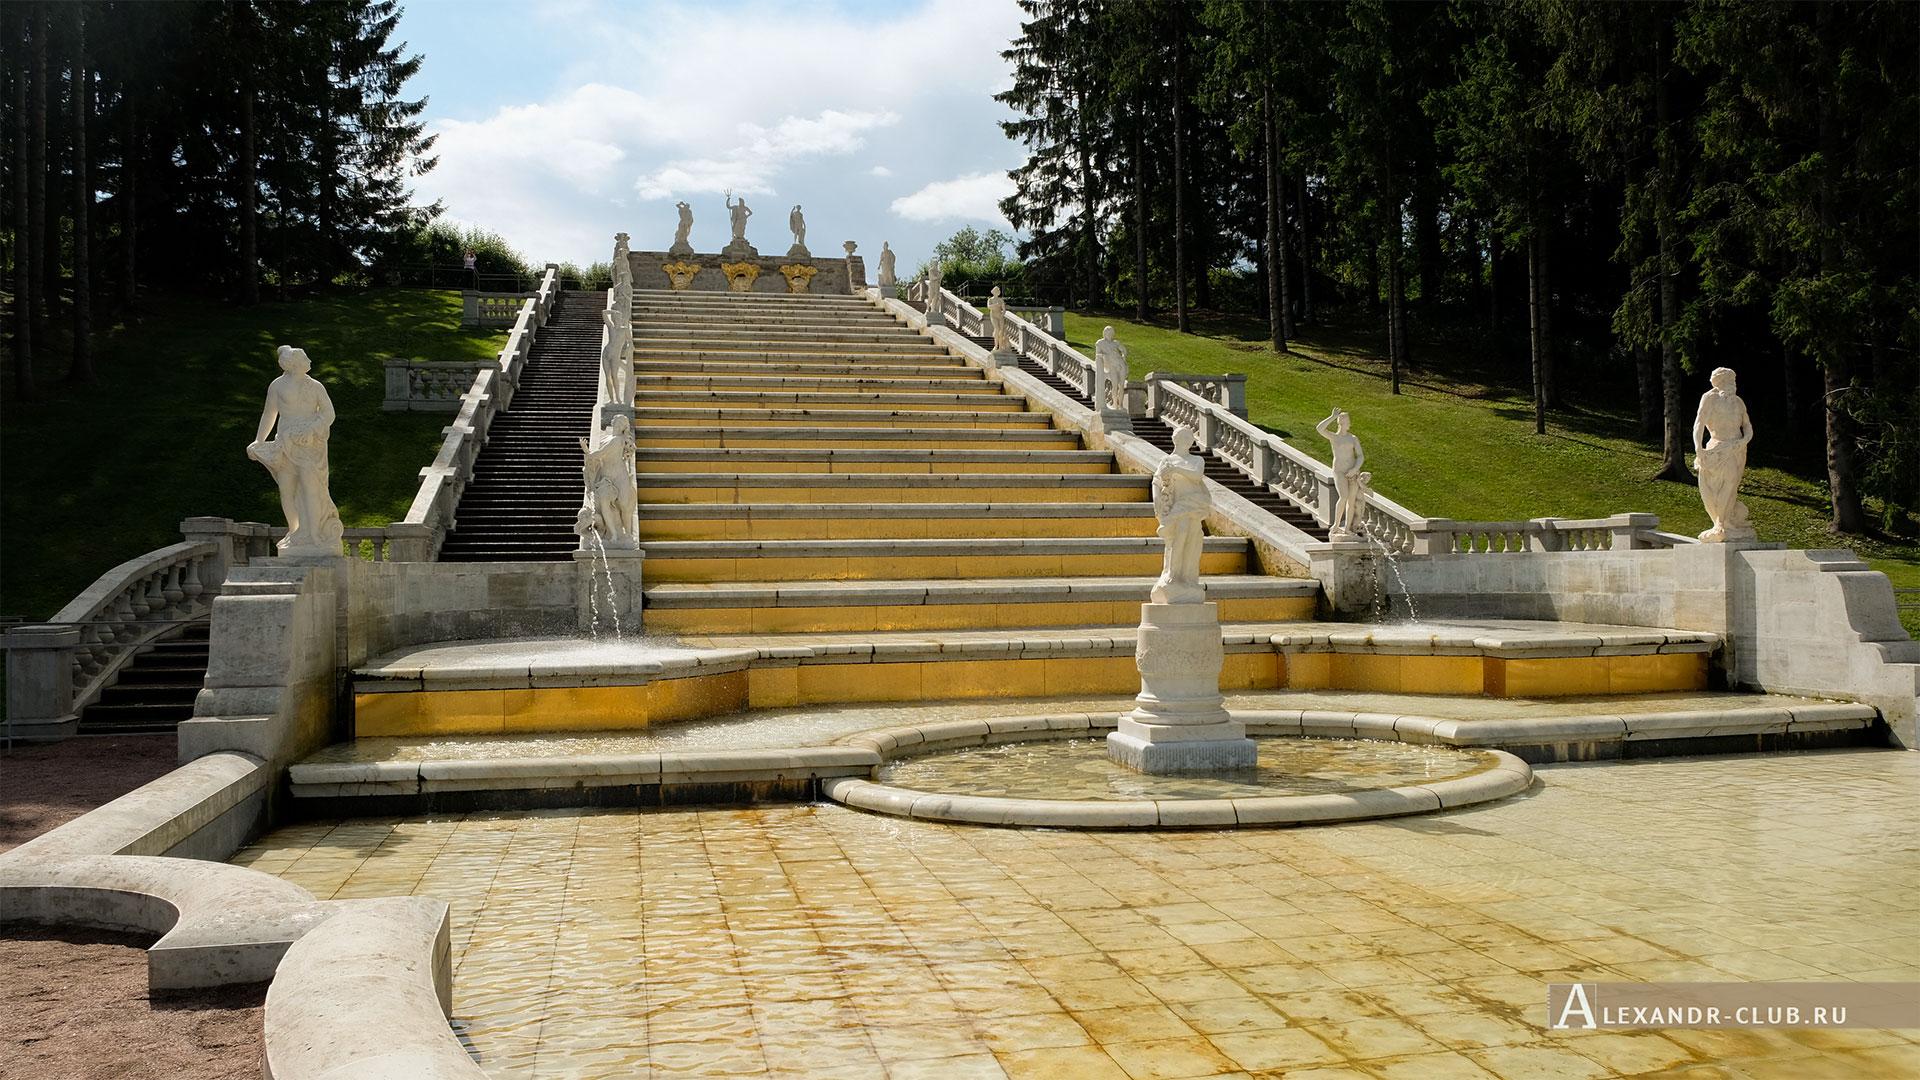 Петергоф, лето, Нижний парк, каскад «Золотая гора»